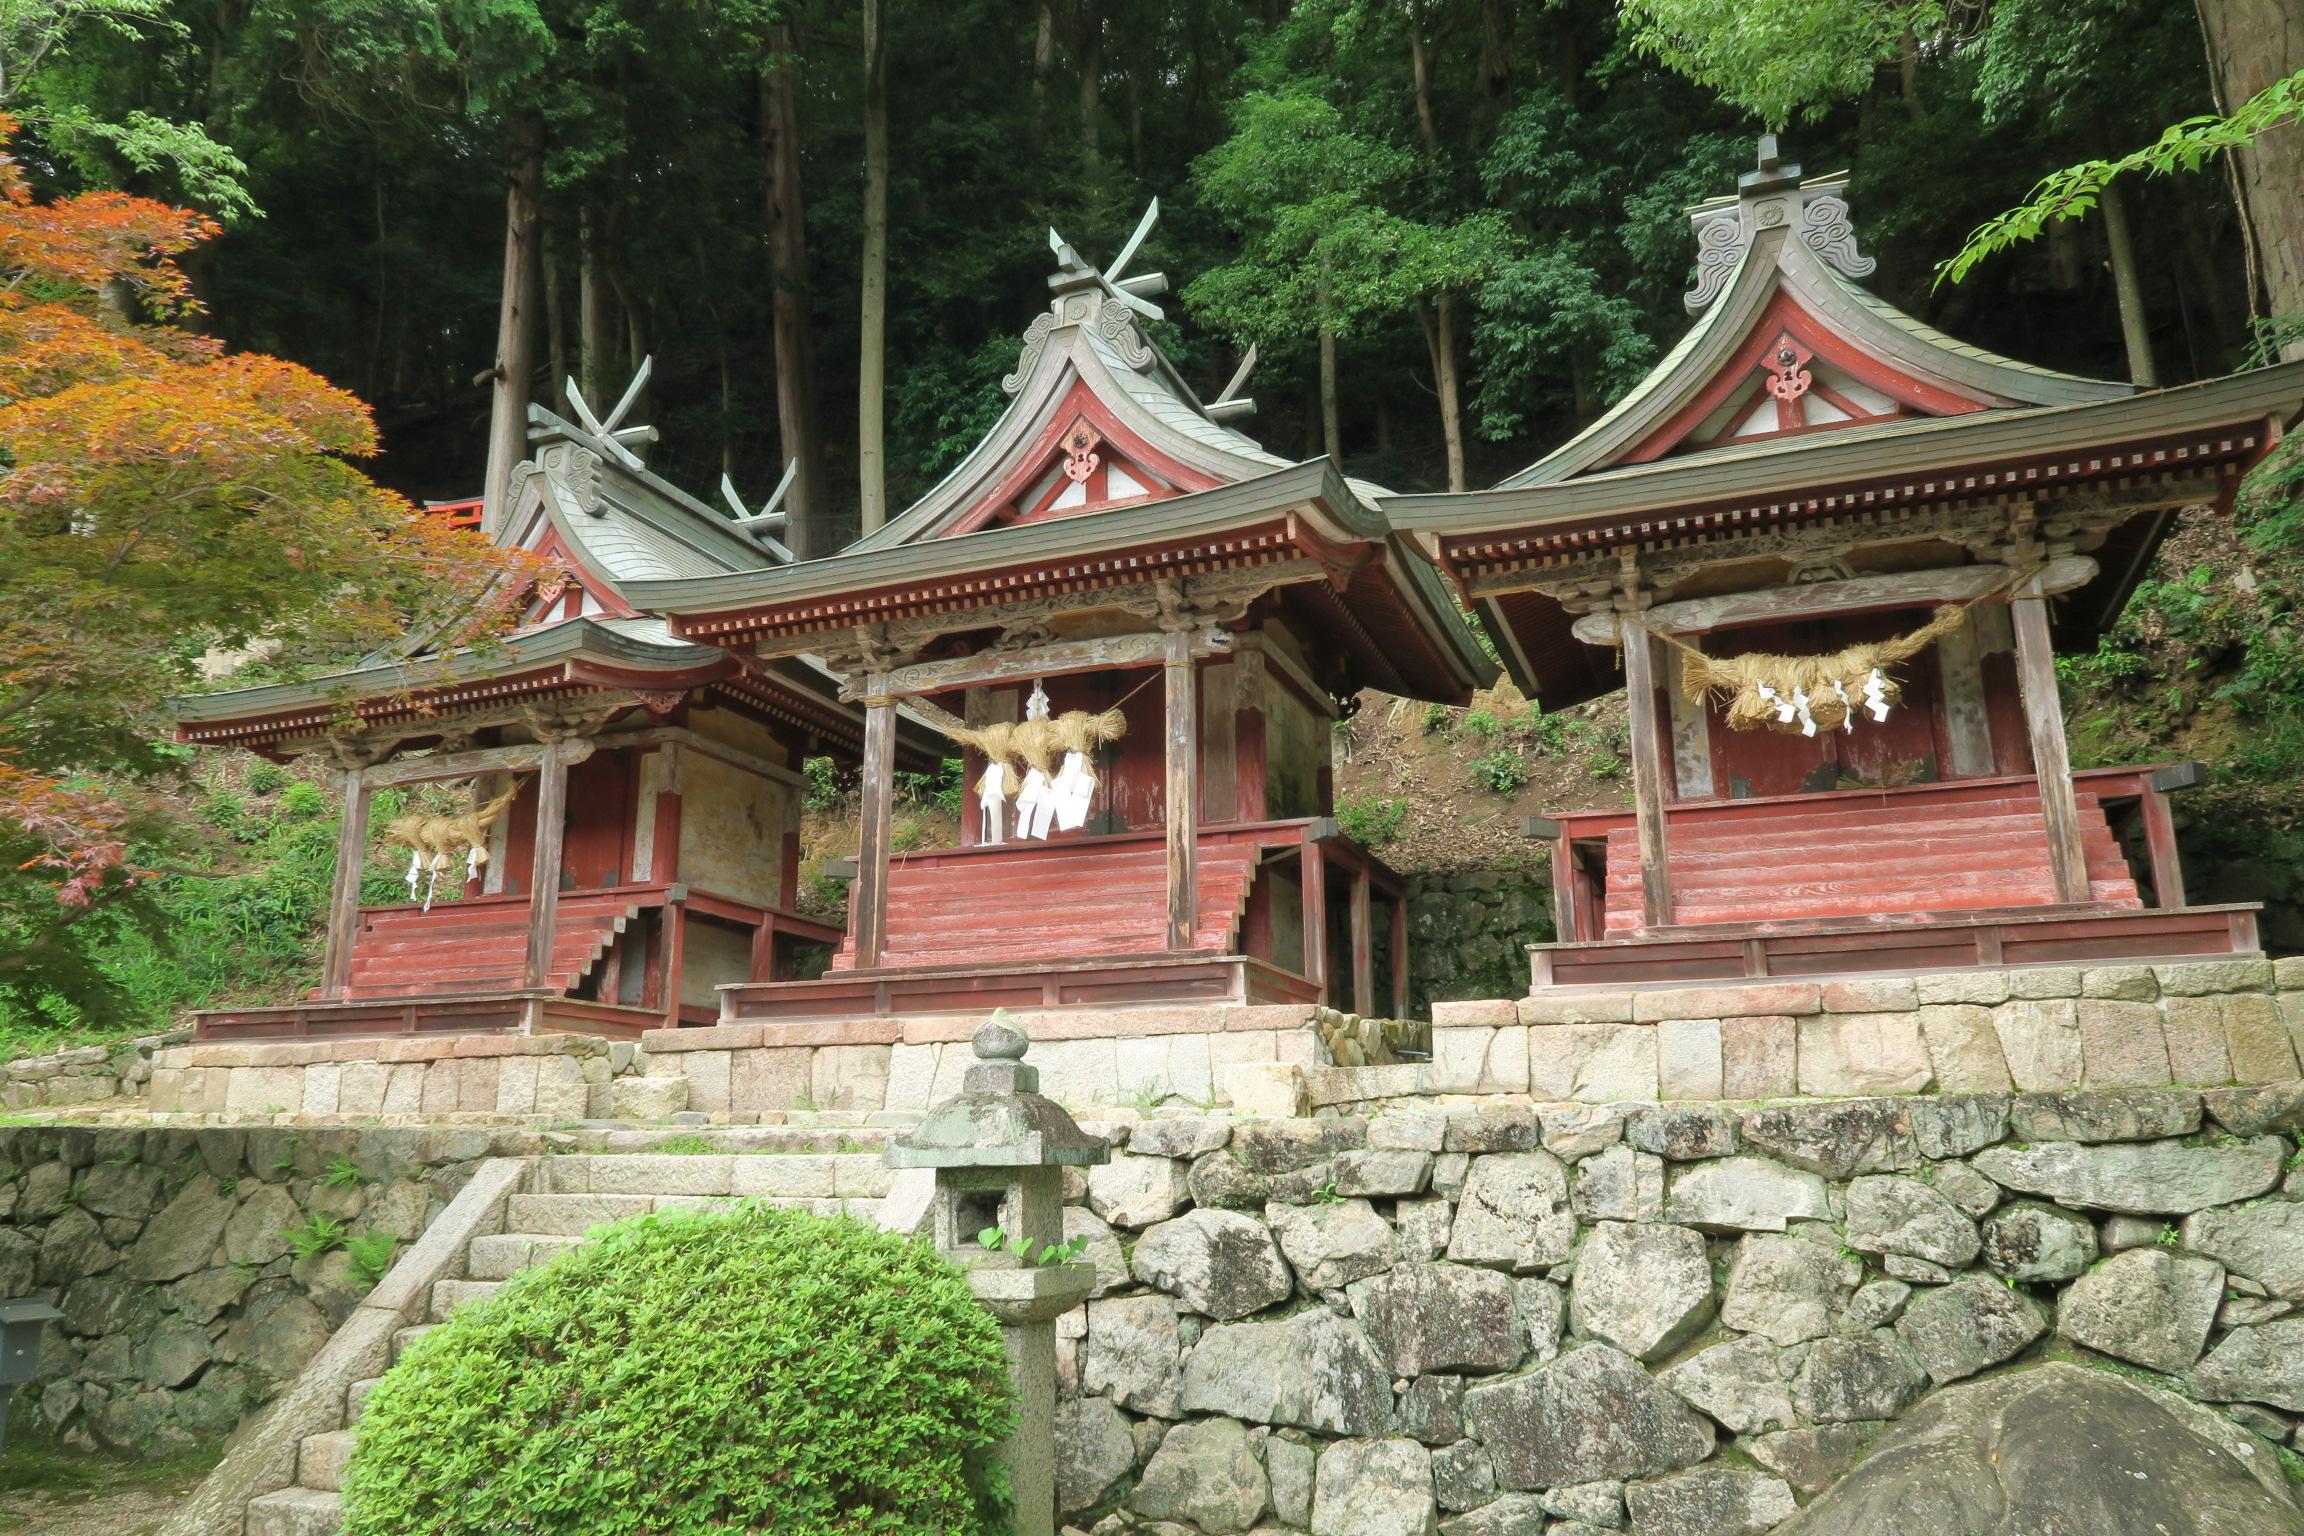 三社権現。瀧蔵三社とも呼ばれ、瀧蔵権現(たきのくらごんげん)を中心に祀られる地主神。